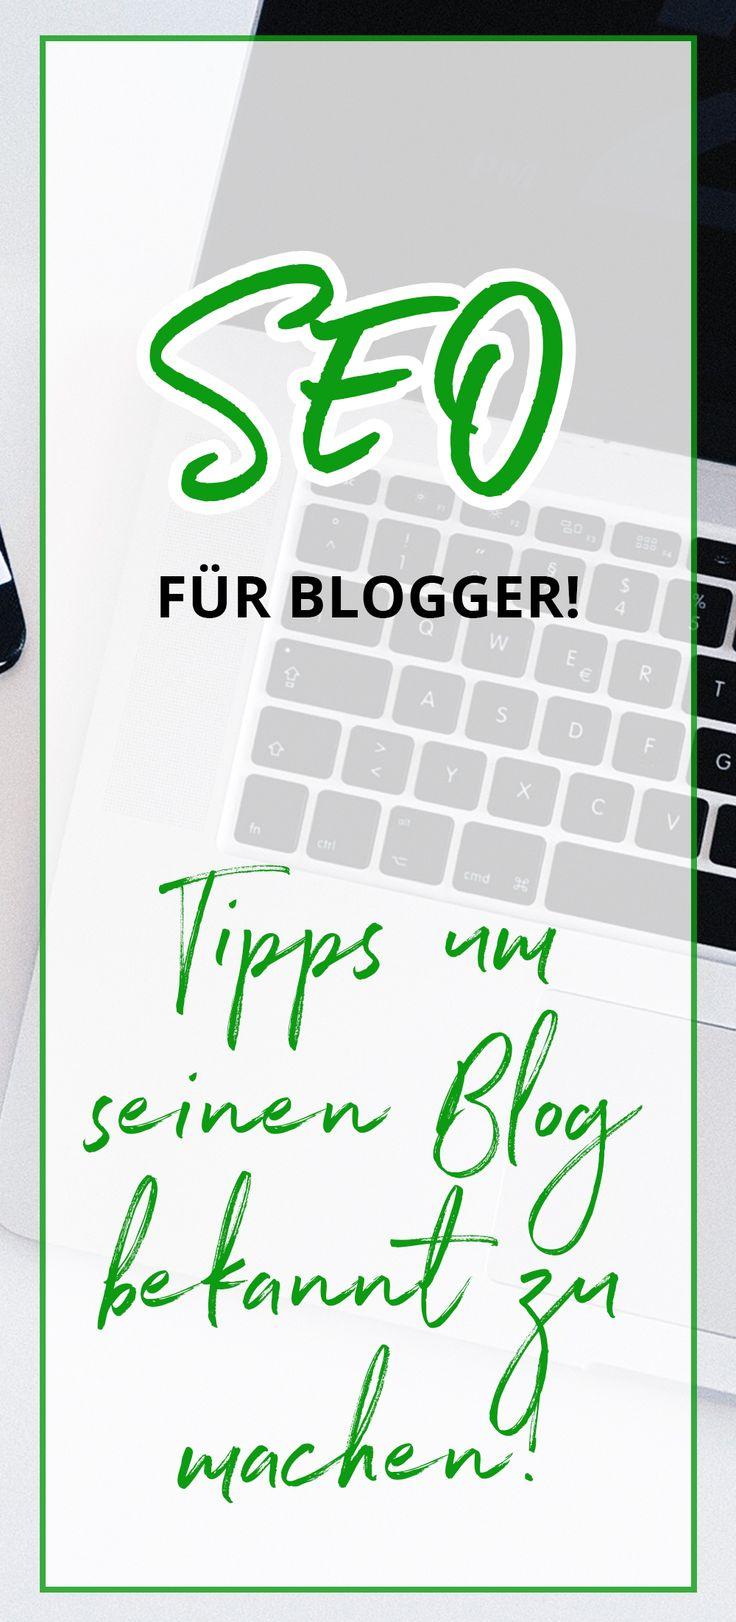 Im Blogger 1x1 geht es heute um SEO für Blogger und Tipps wie man einen Blog bekannt machen kann. Suchmaschinenoptimierung Blogger, Fashionblog optimieren, www.whoismocca.com